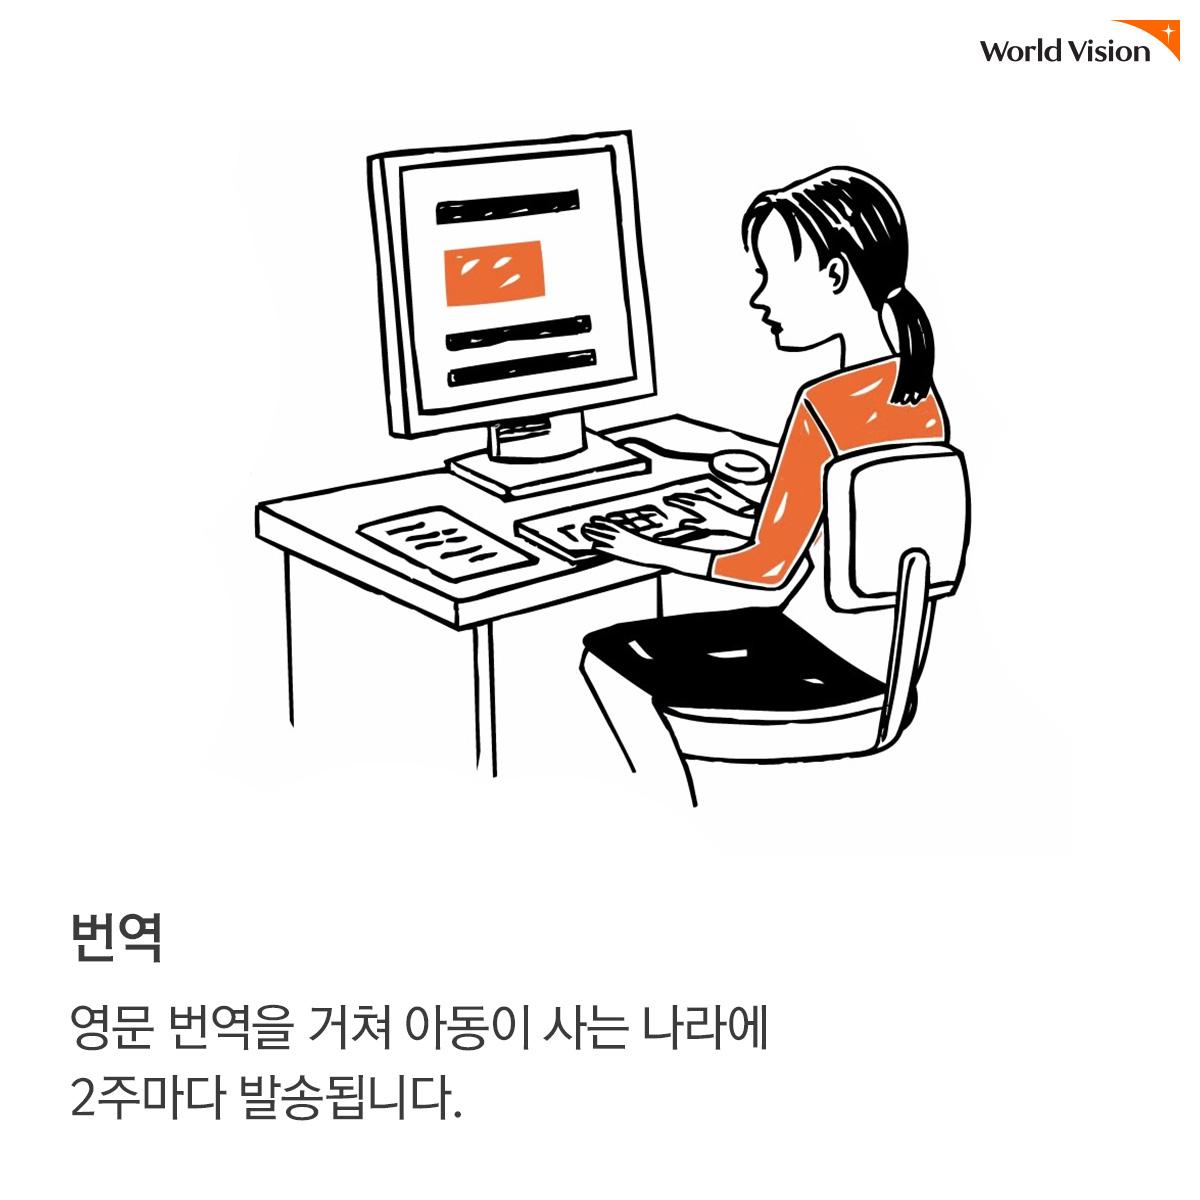 번역:영문 번역을 거쳐 아동이 사는 나라에 2주마다 발송됩니다.